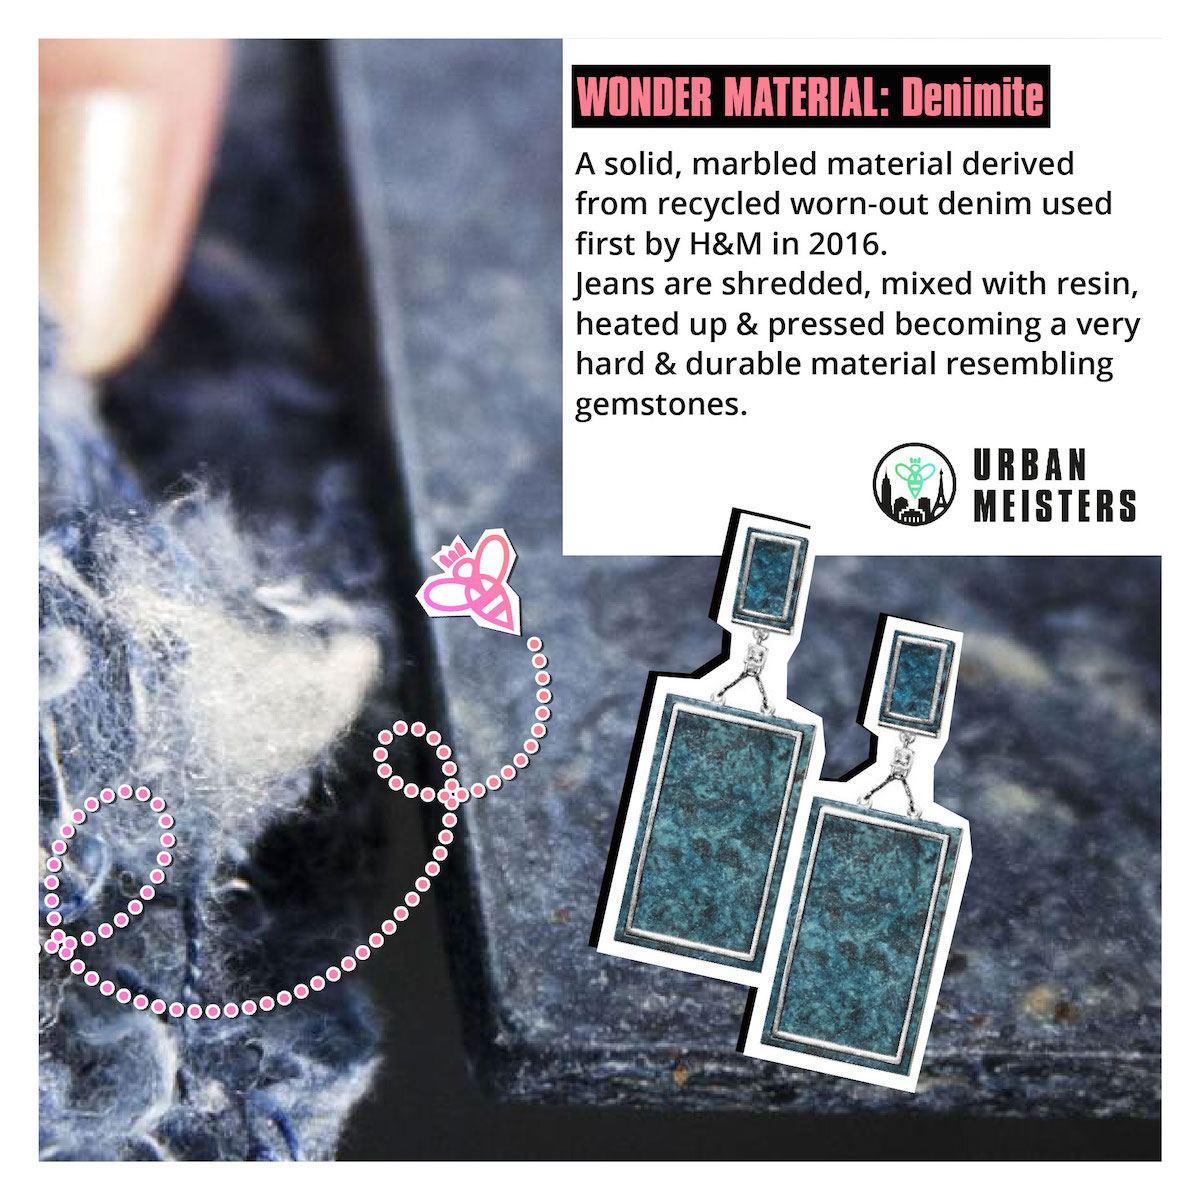 H&M Conscious Material 2